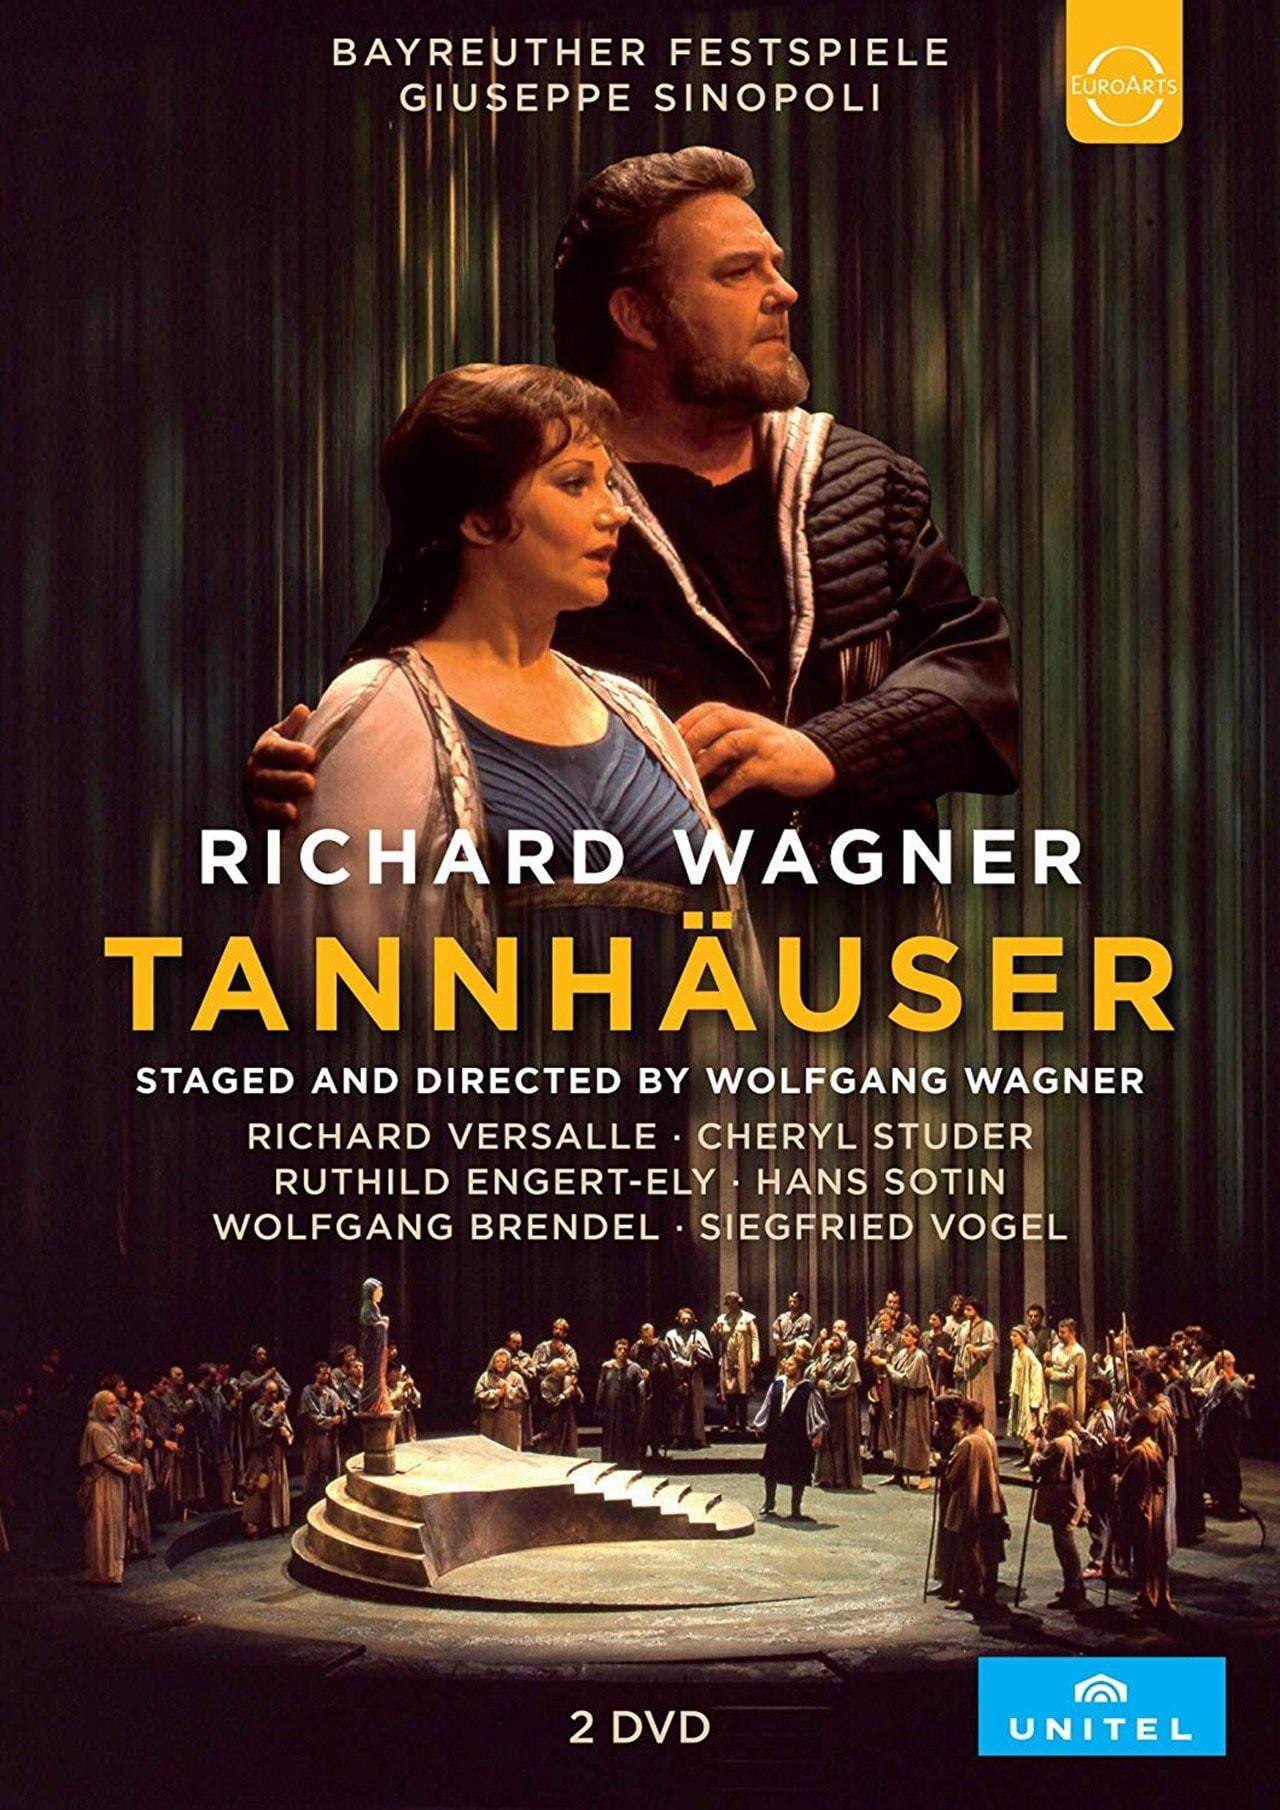 Tannhauser: Bayreuth Festspiele (Sinopoli) - 1